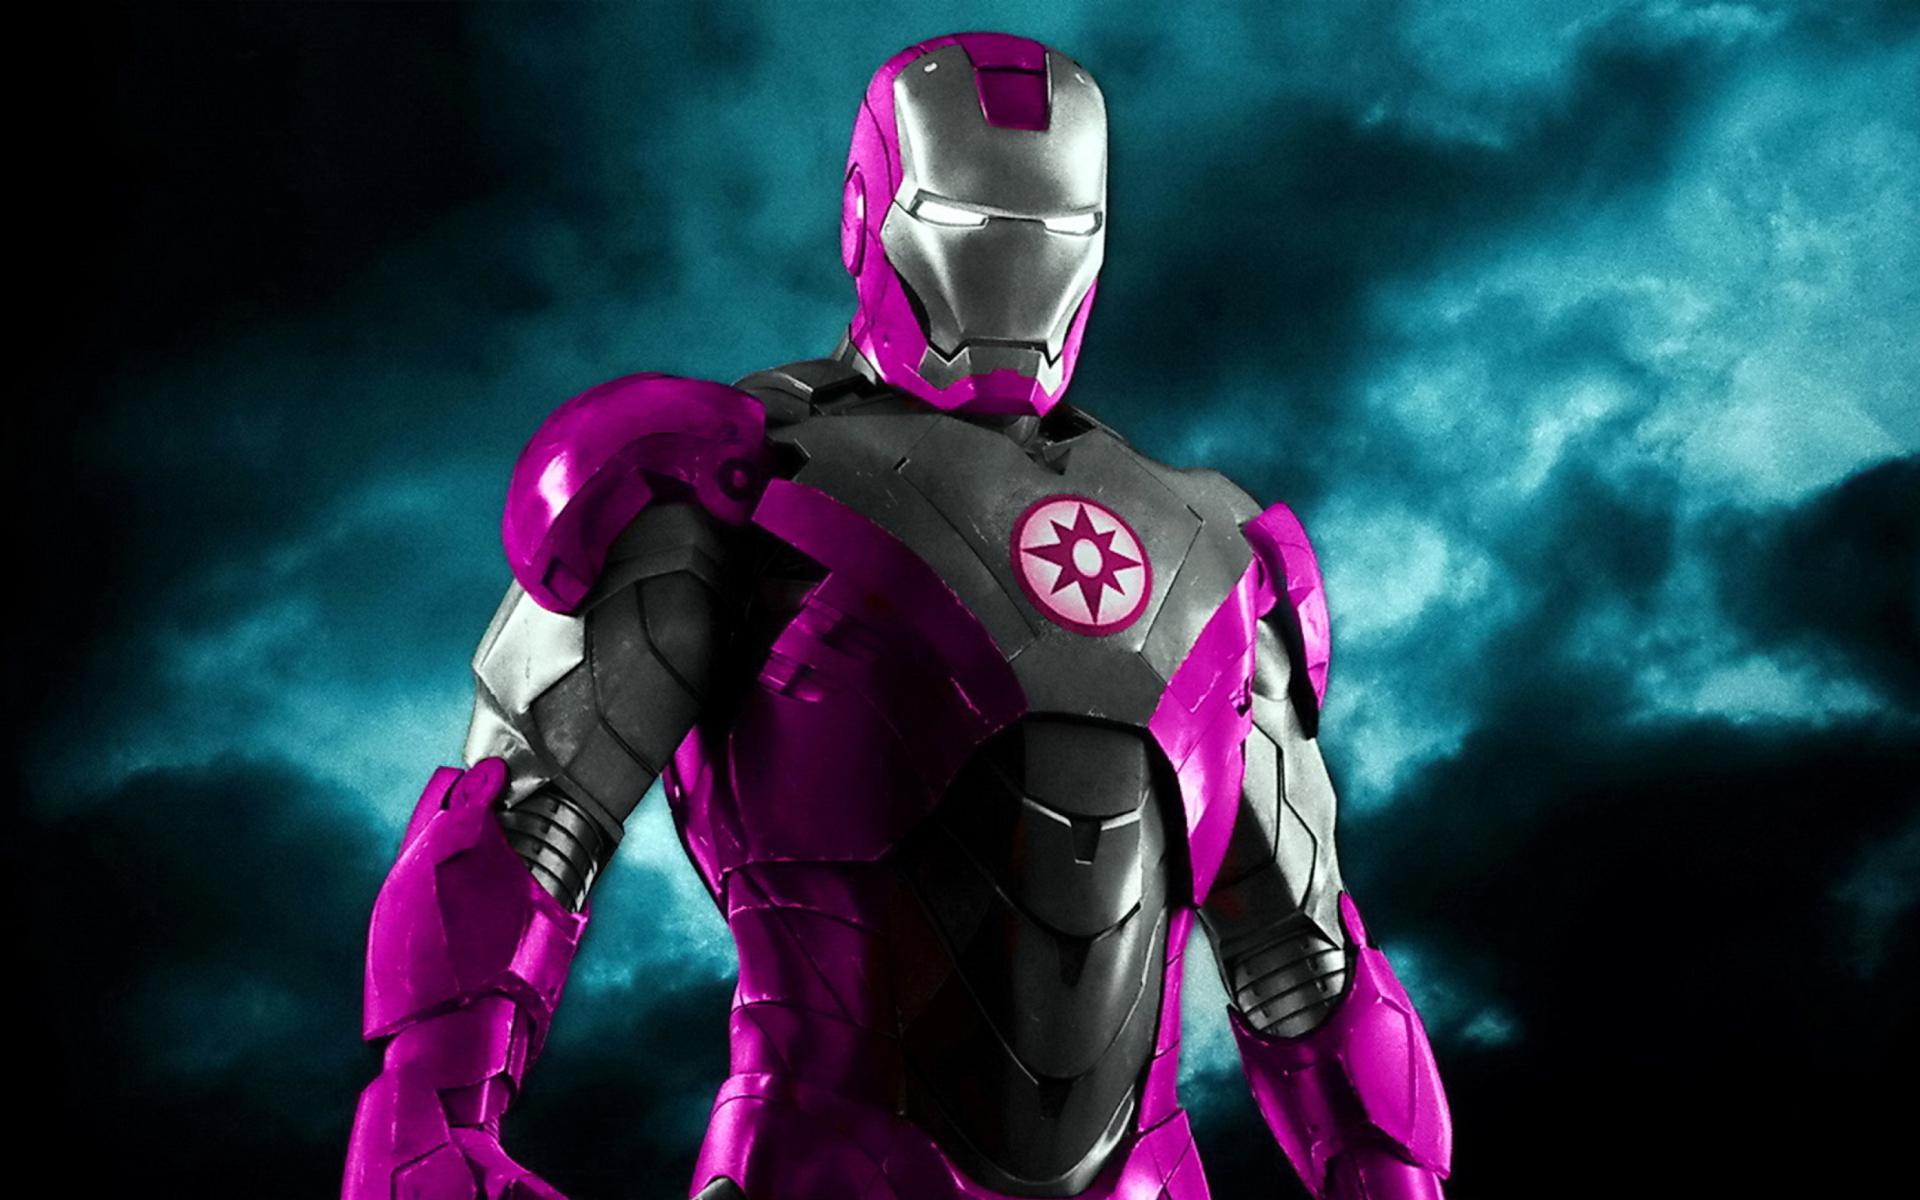 Iron man fondos de pantalla gratis para widescreen for Imagenes full hd para fondo de pantalla